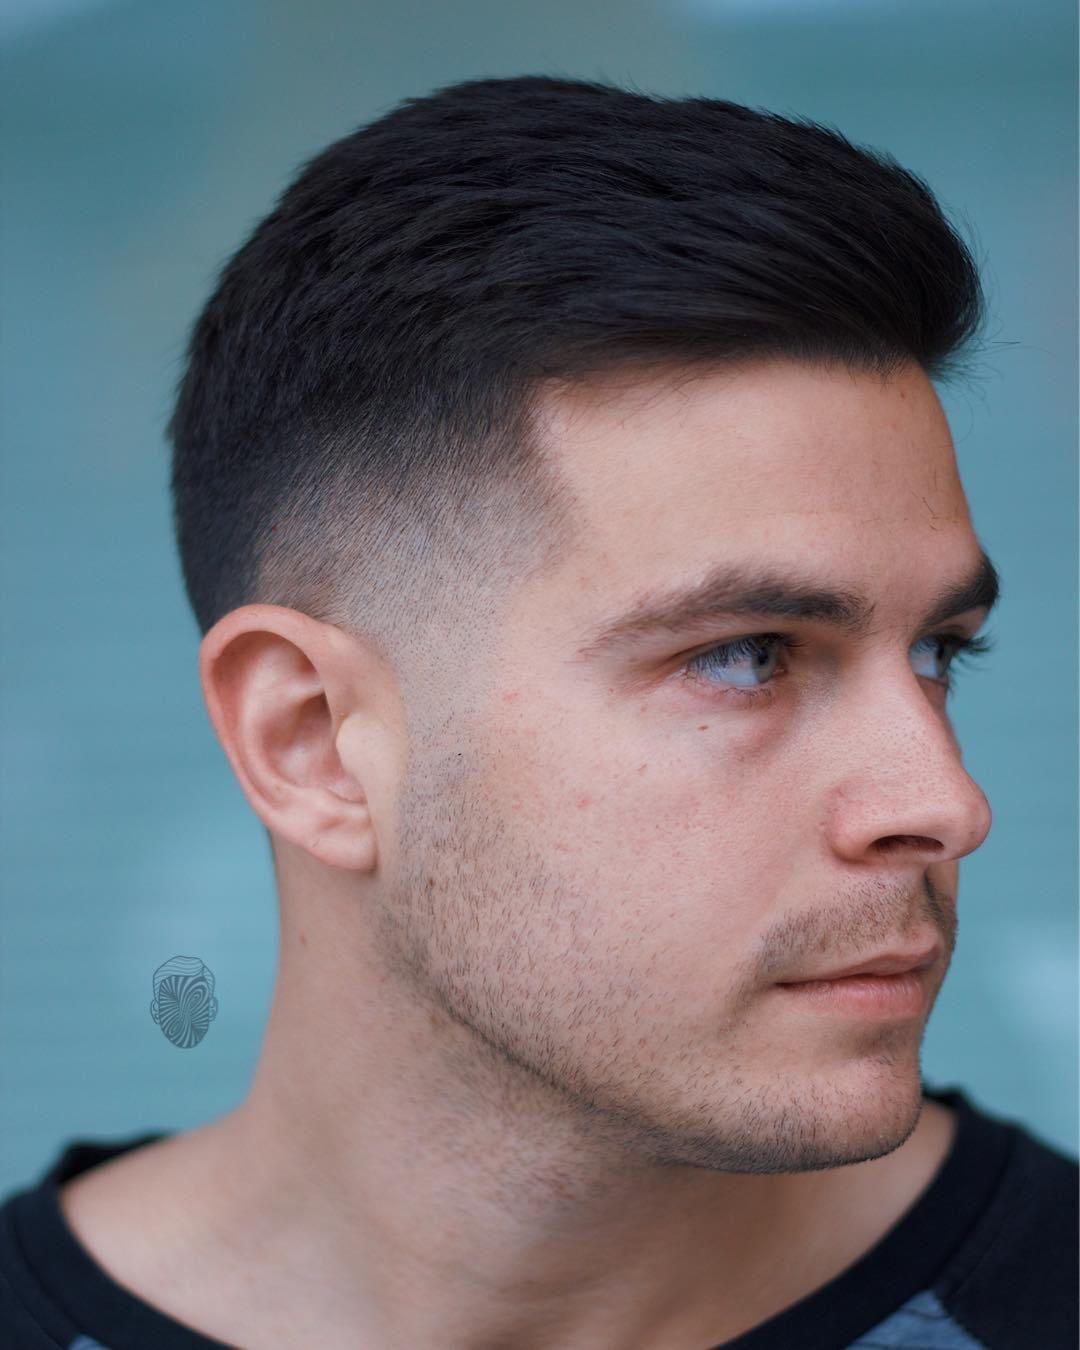 Coiffures Courtes Pour Hommes 2018 Cheveux Masculins Coupe Homme Court Coiffure Homme Coiffure Homme 2018